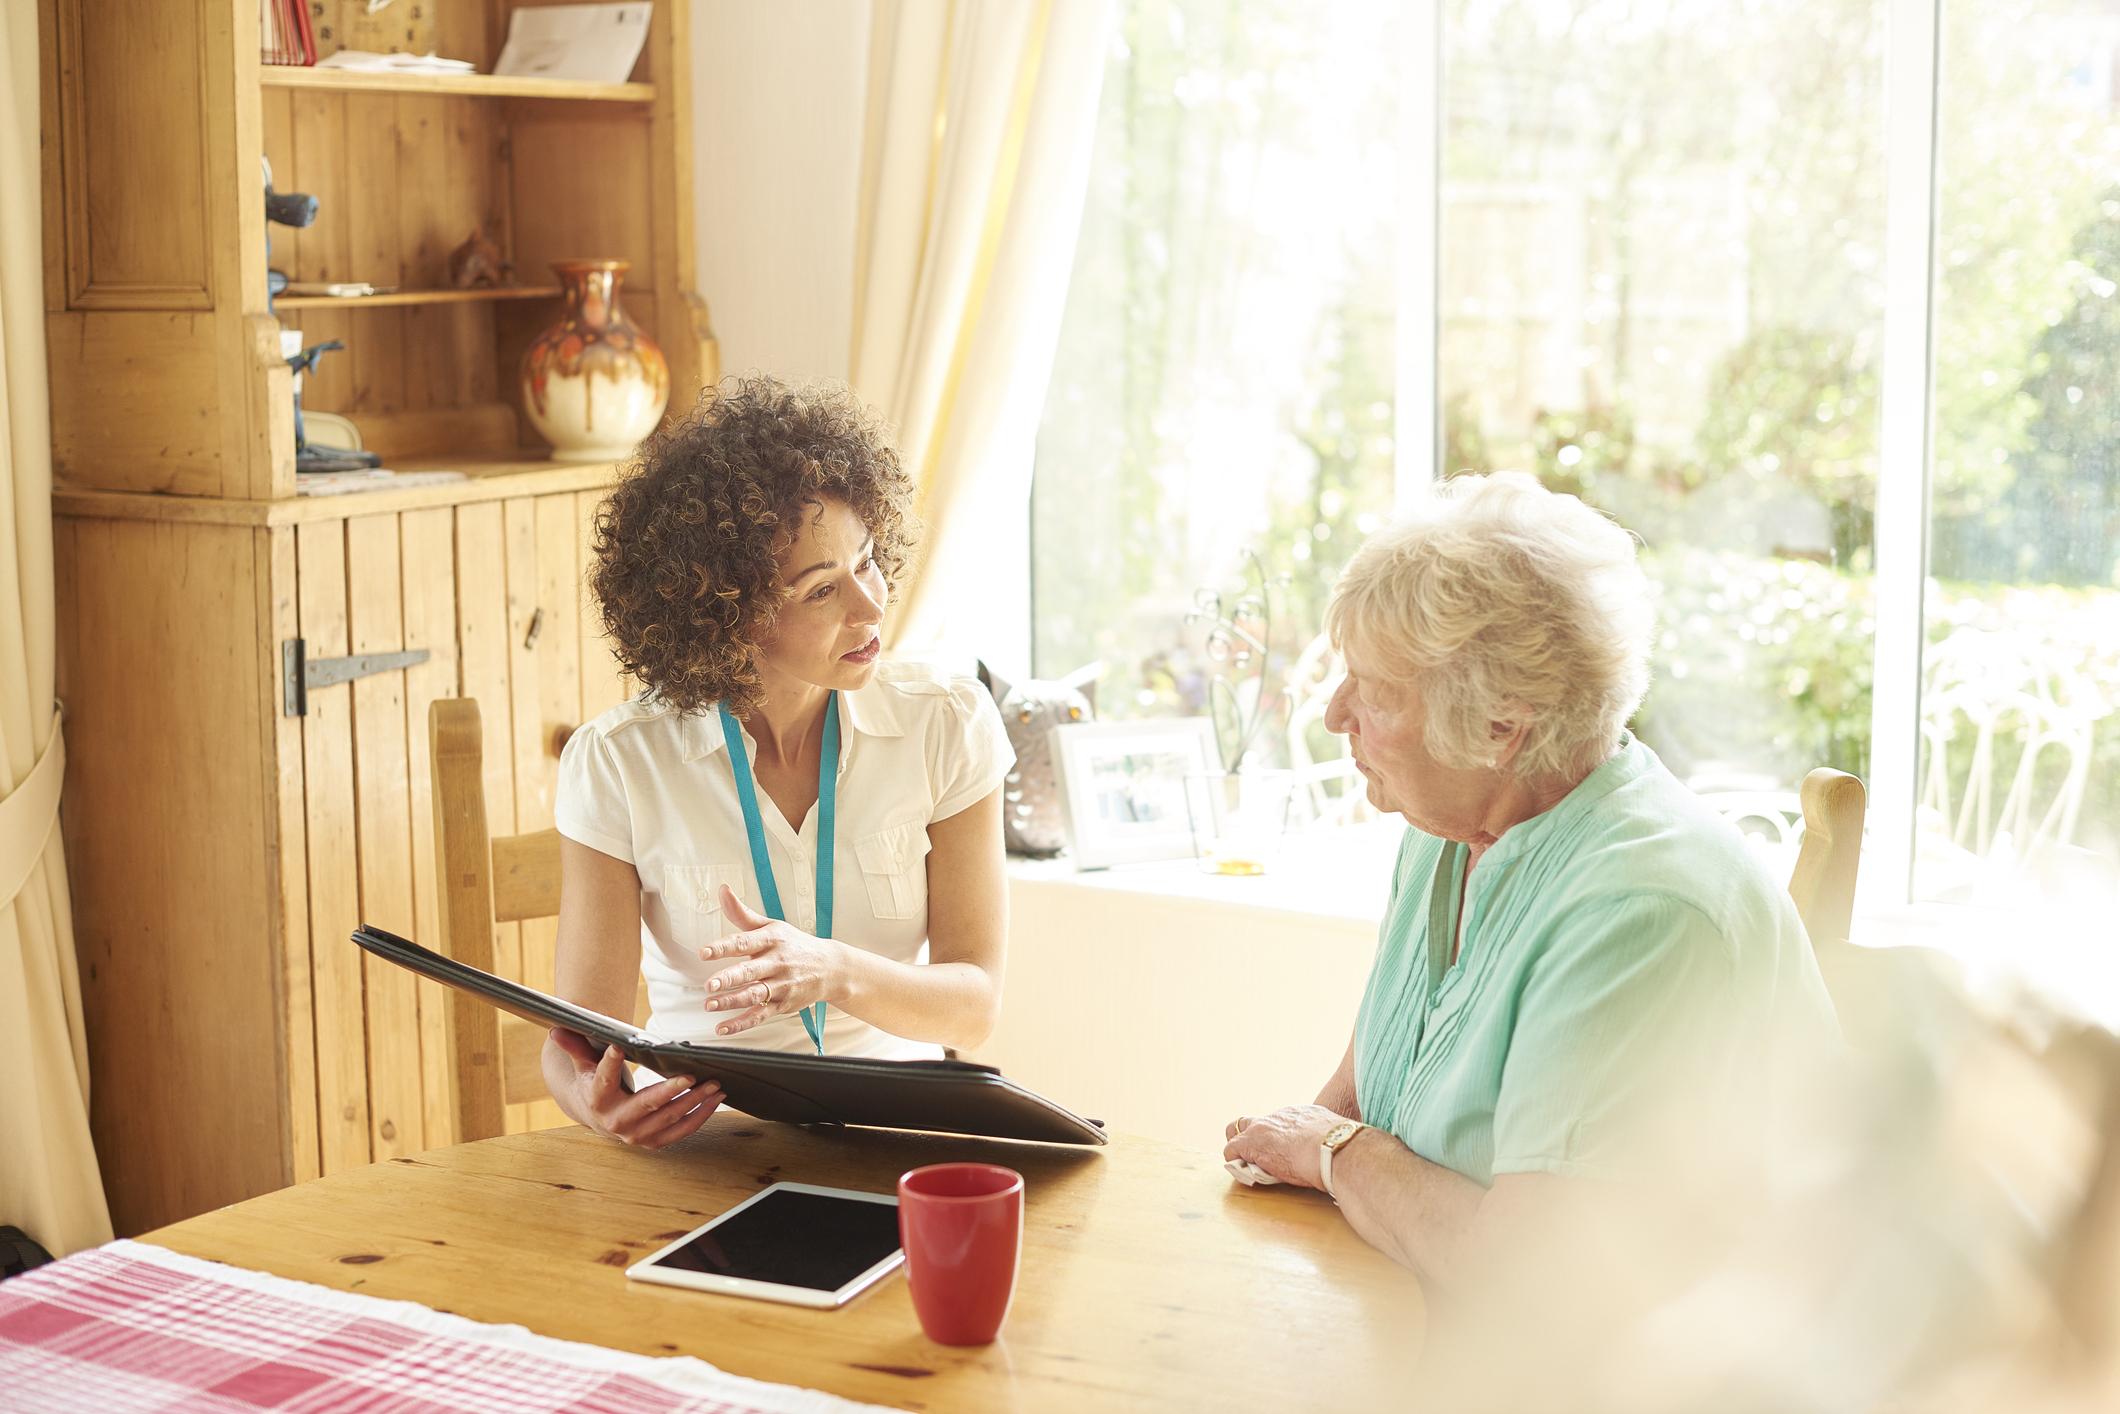 Targeting care gaps. Image